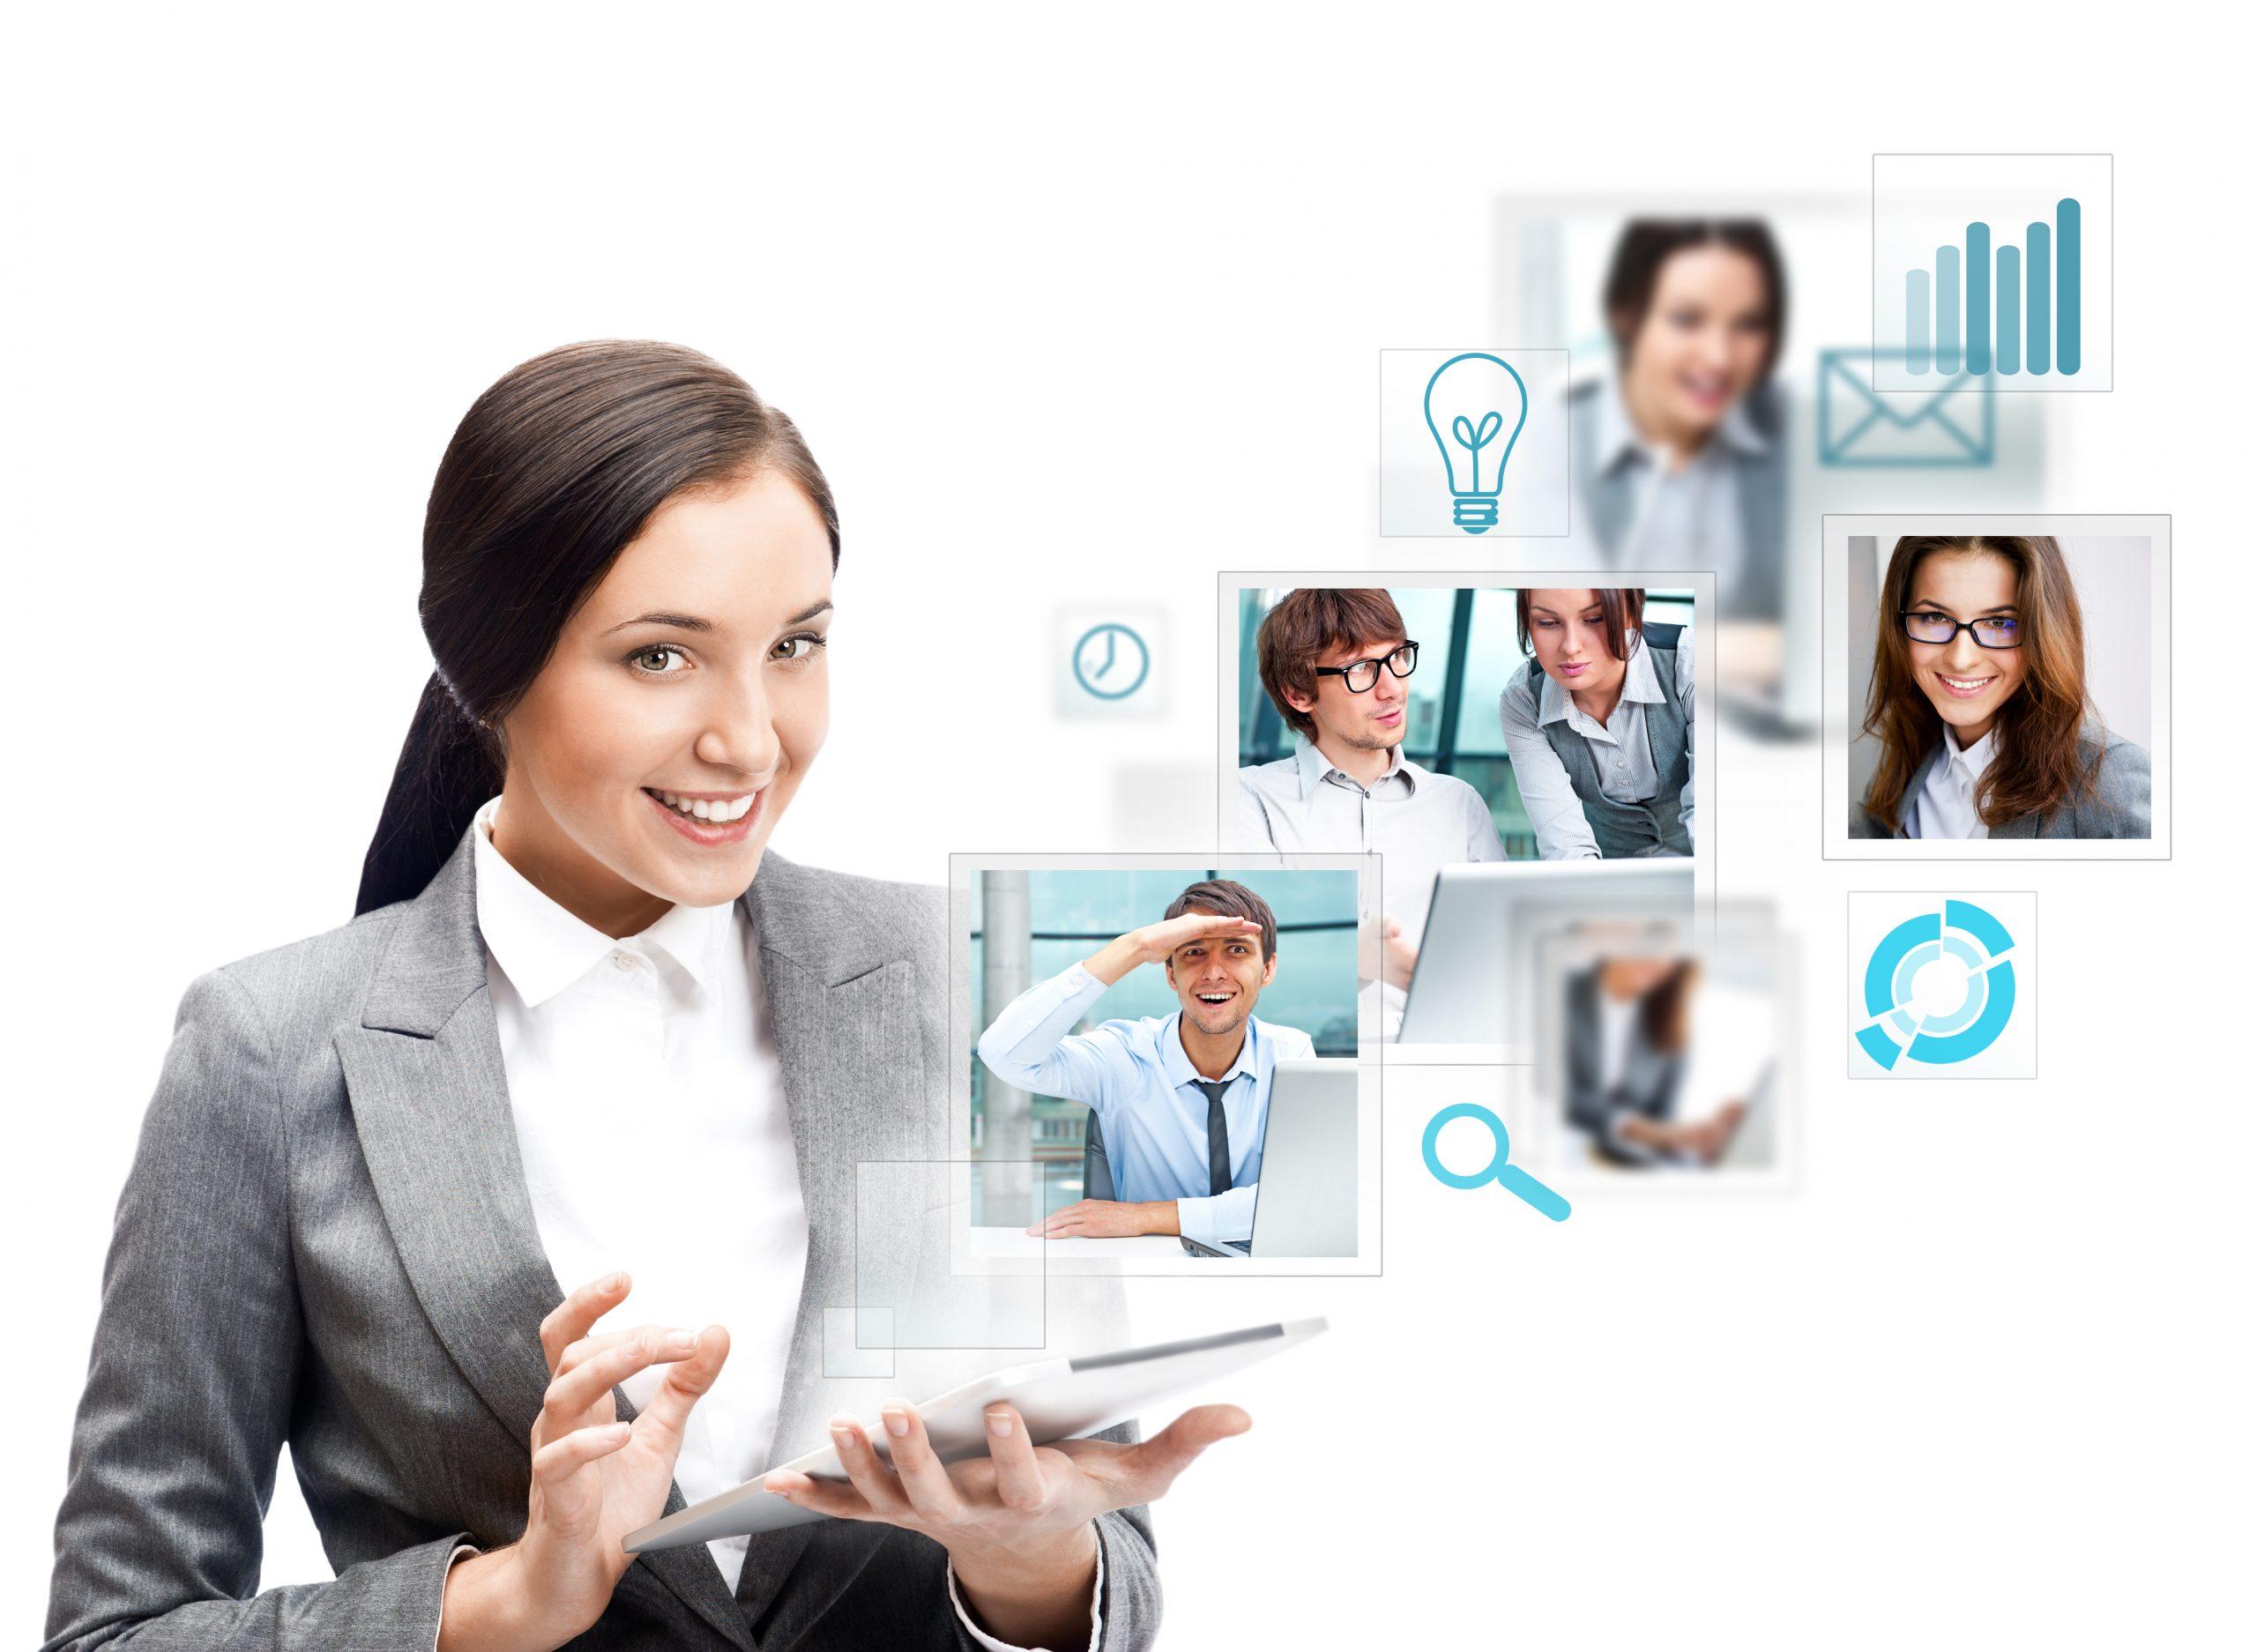 Possibilità di lavoro su Internet